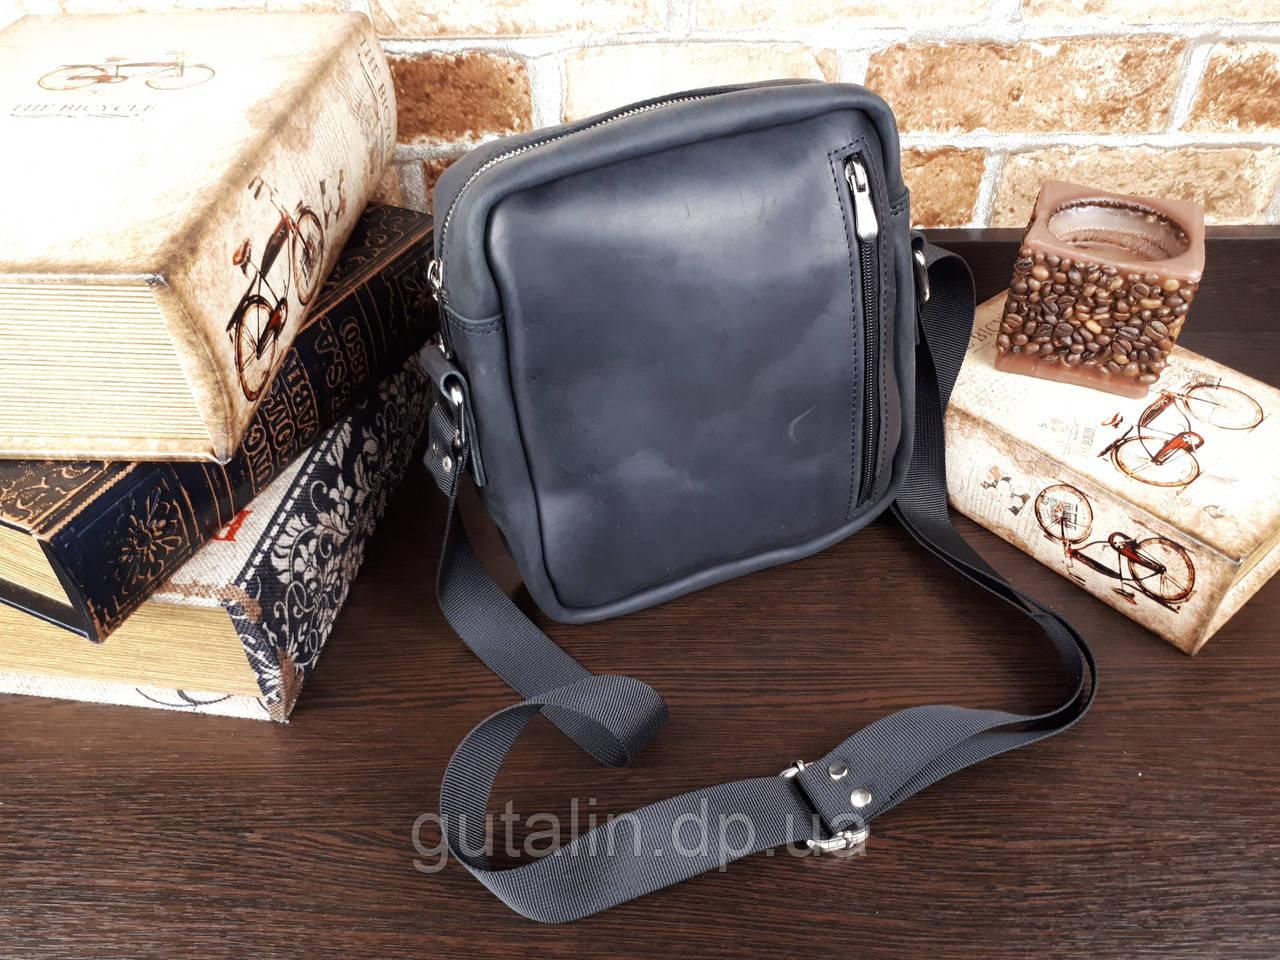 Мужская сумка ручной работы из натуральной кожи Классик цвет черный